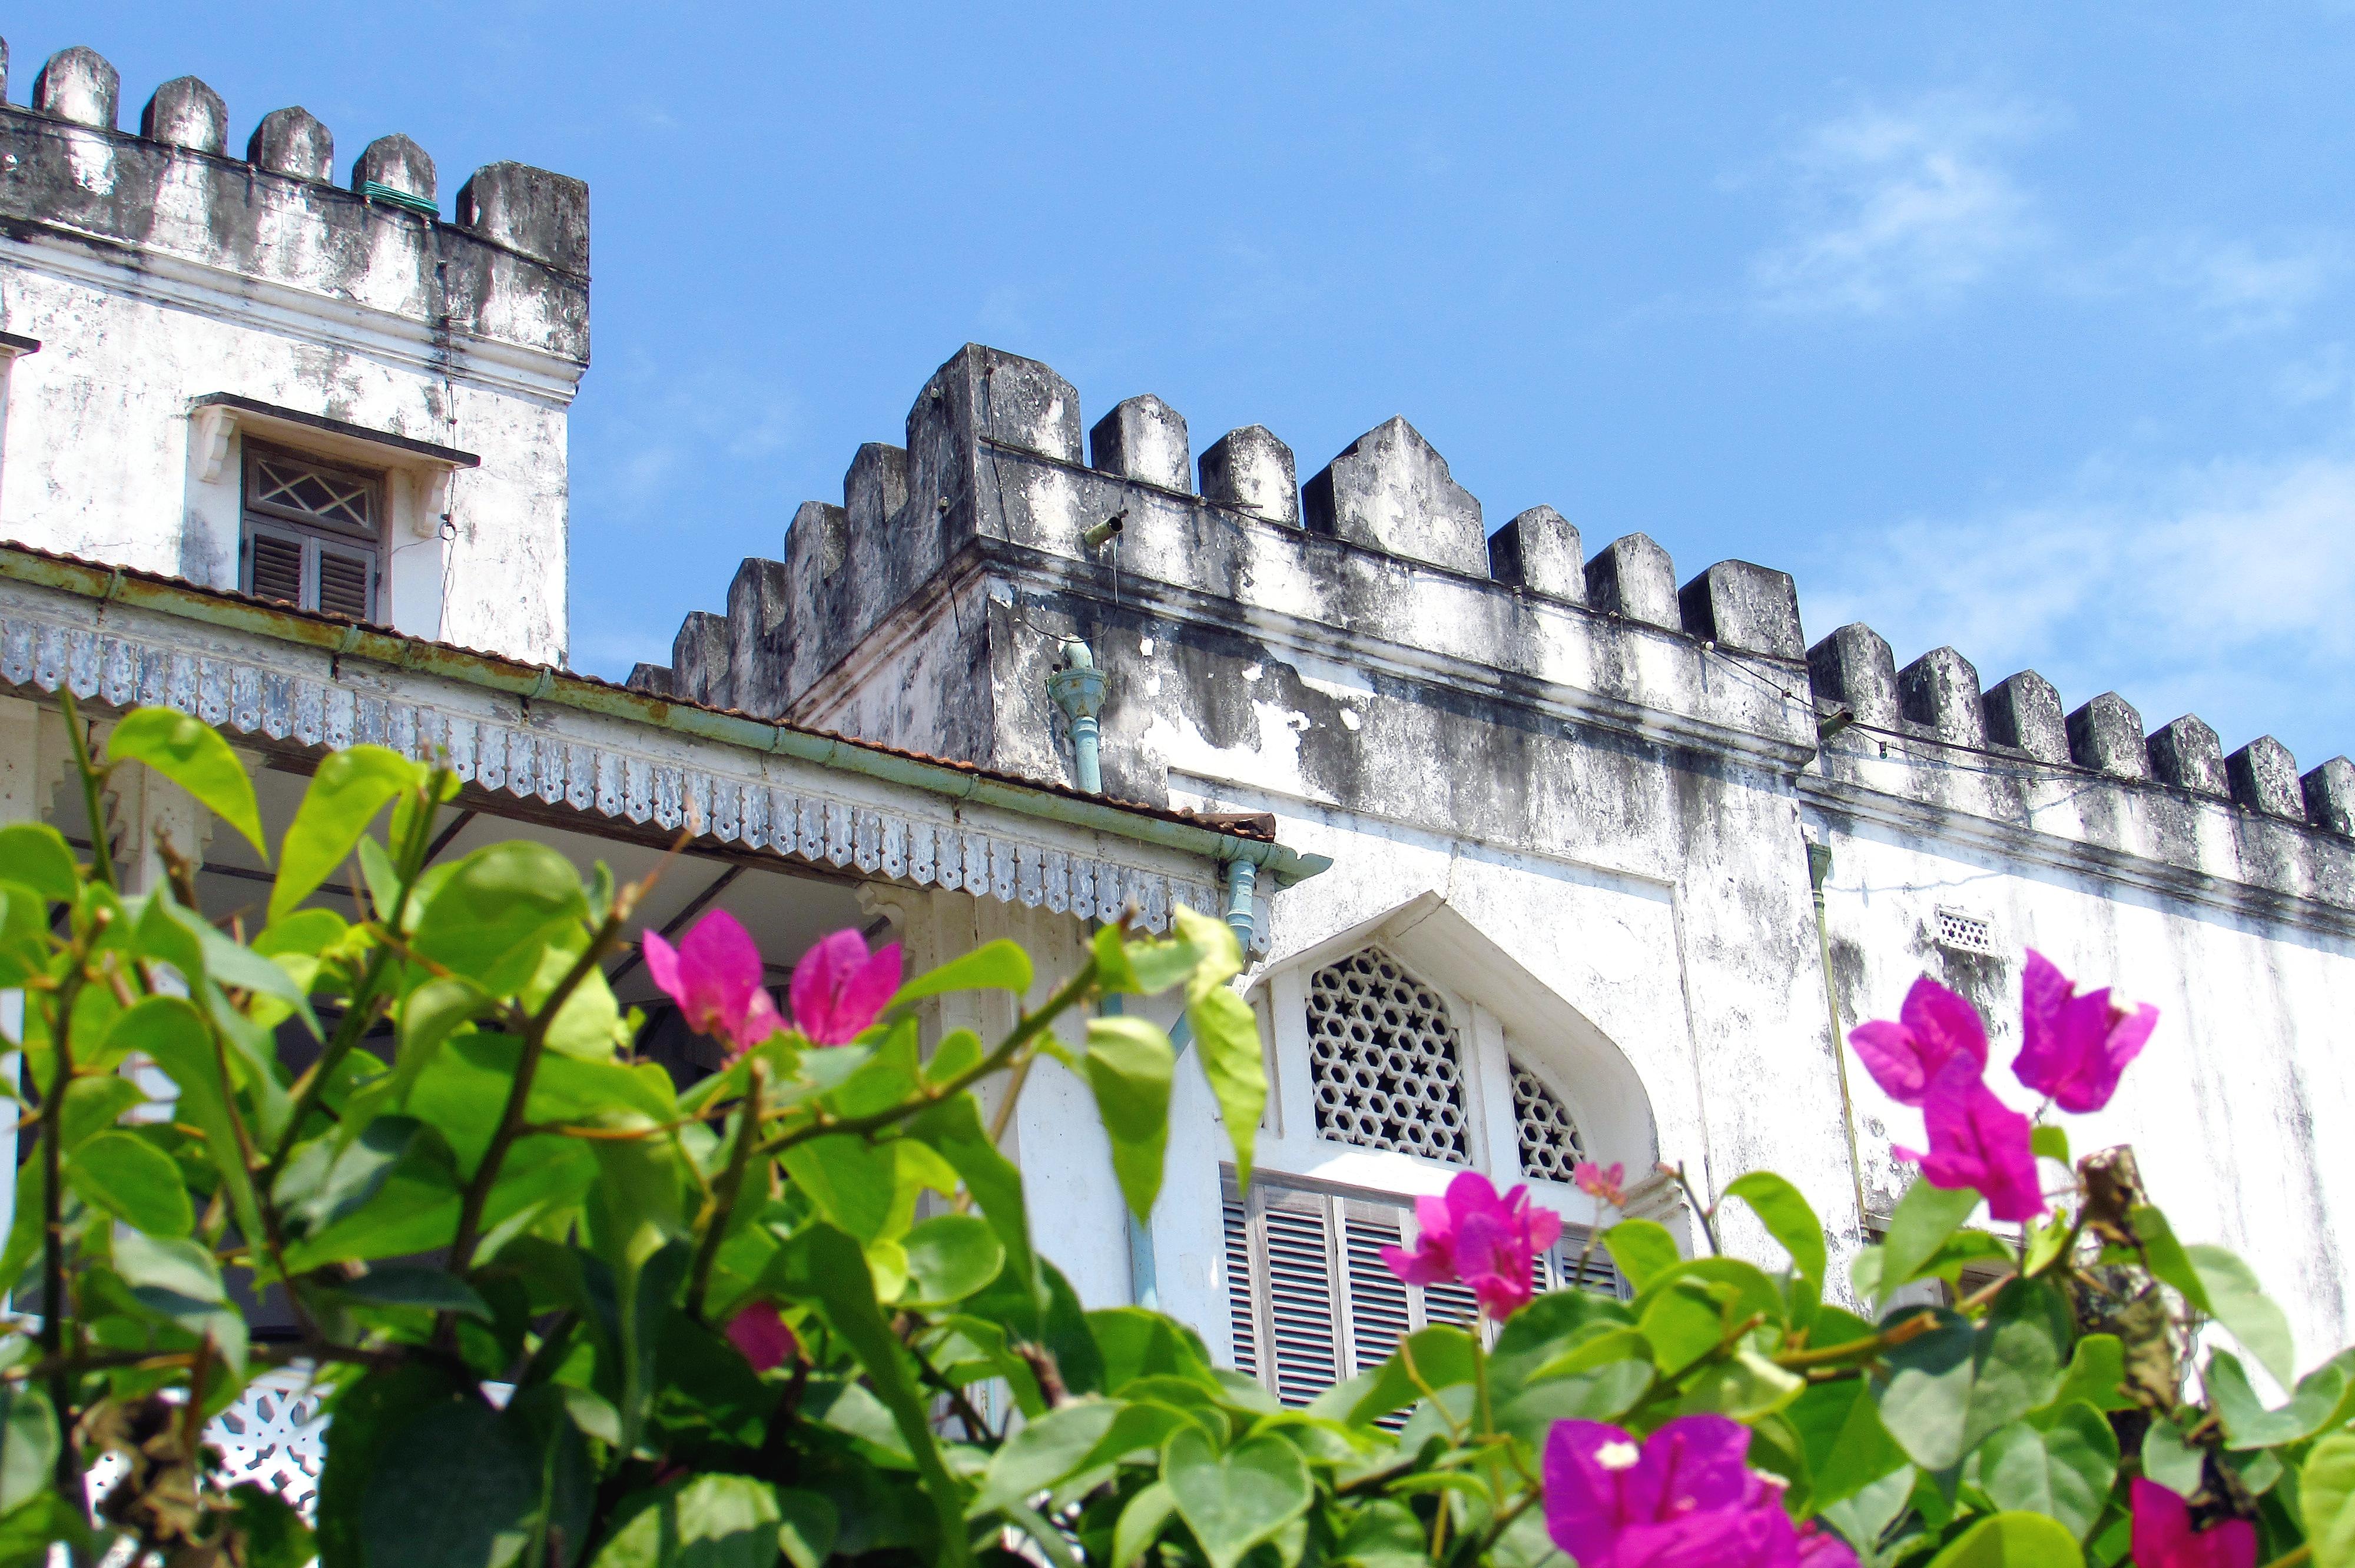 Sultanpalast in Stonetown